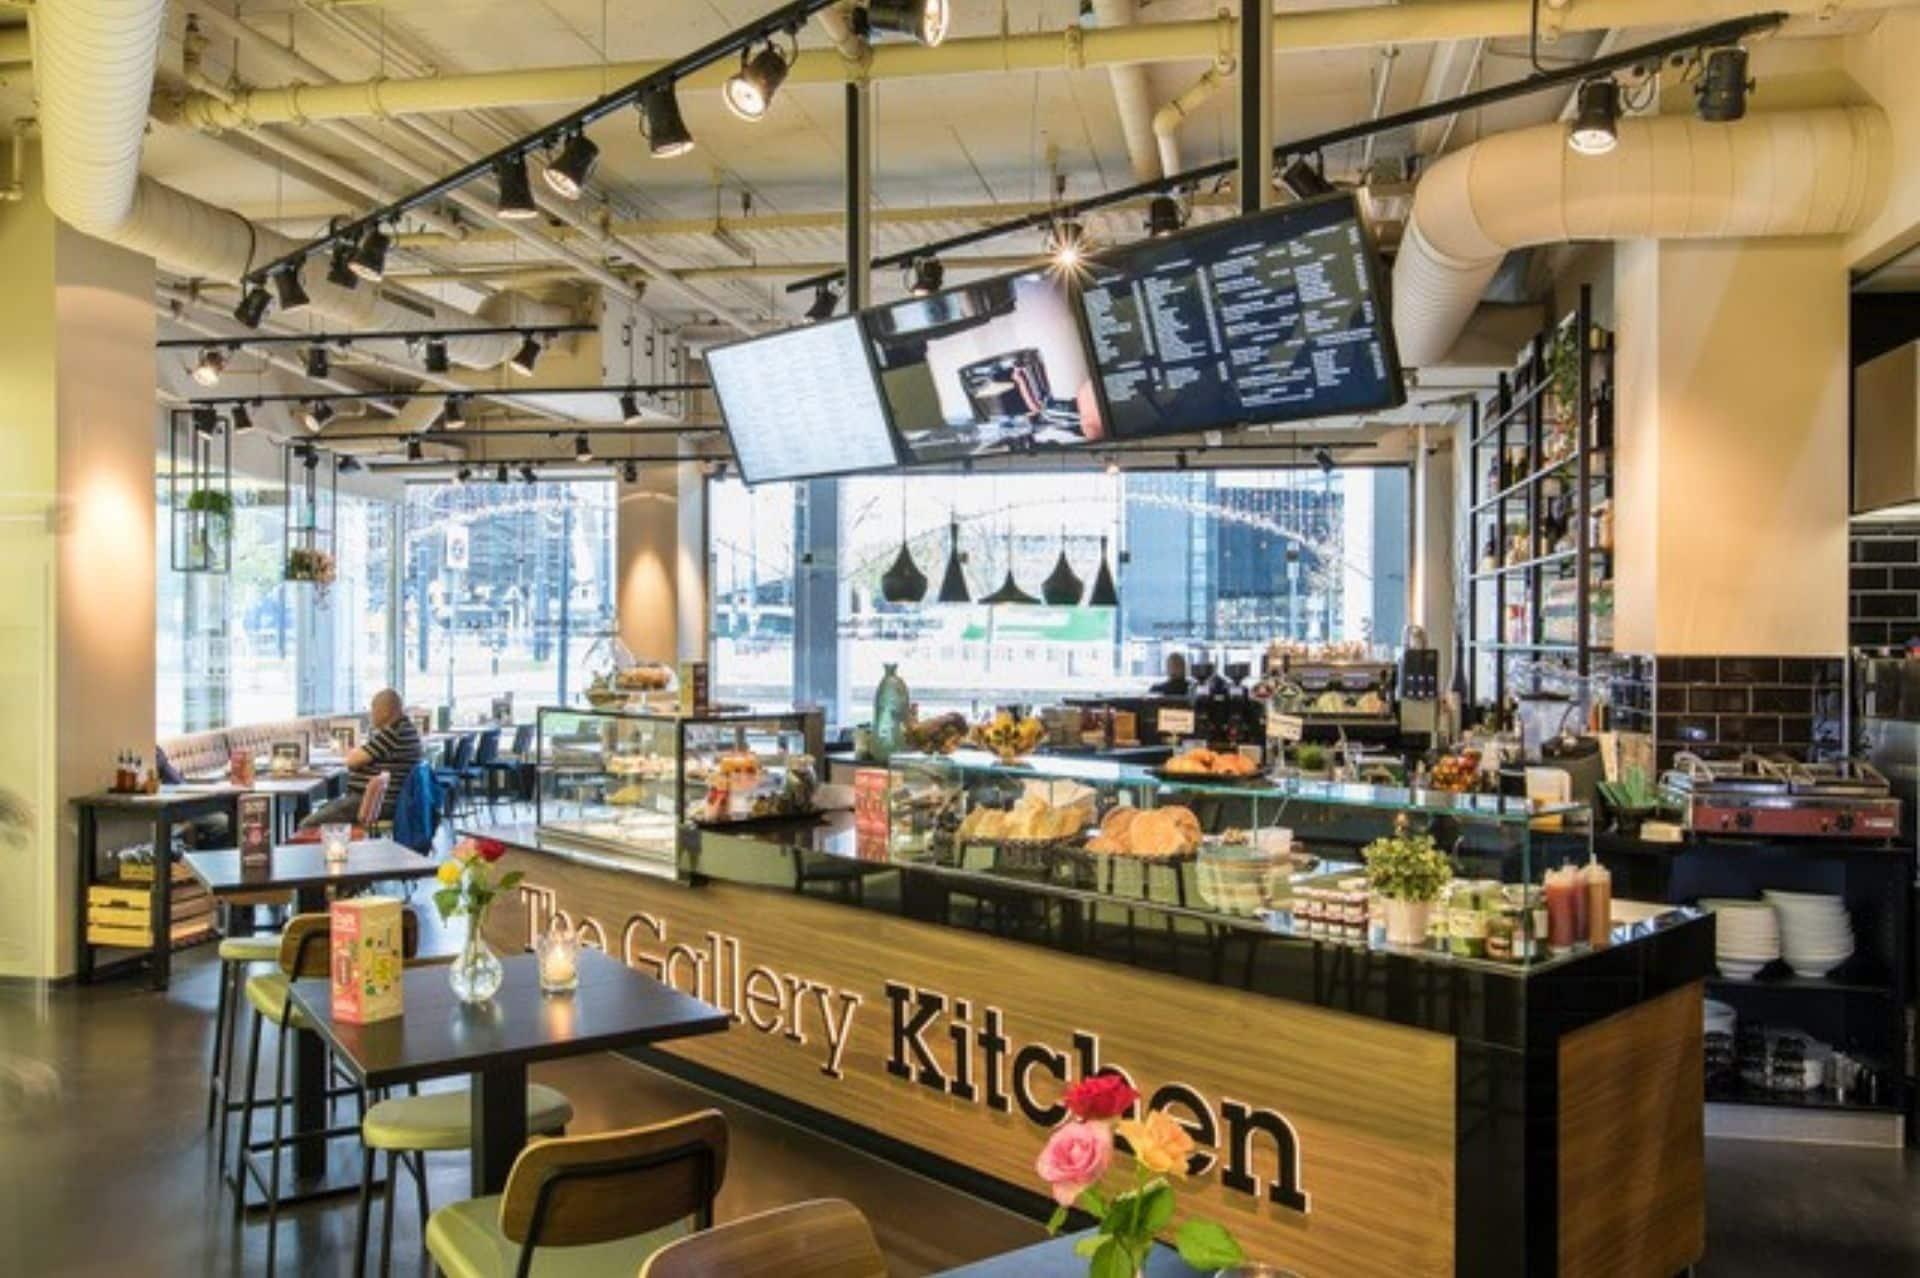 De Galerij Keuken